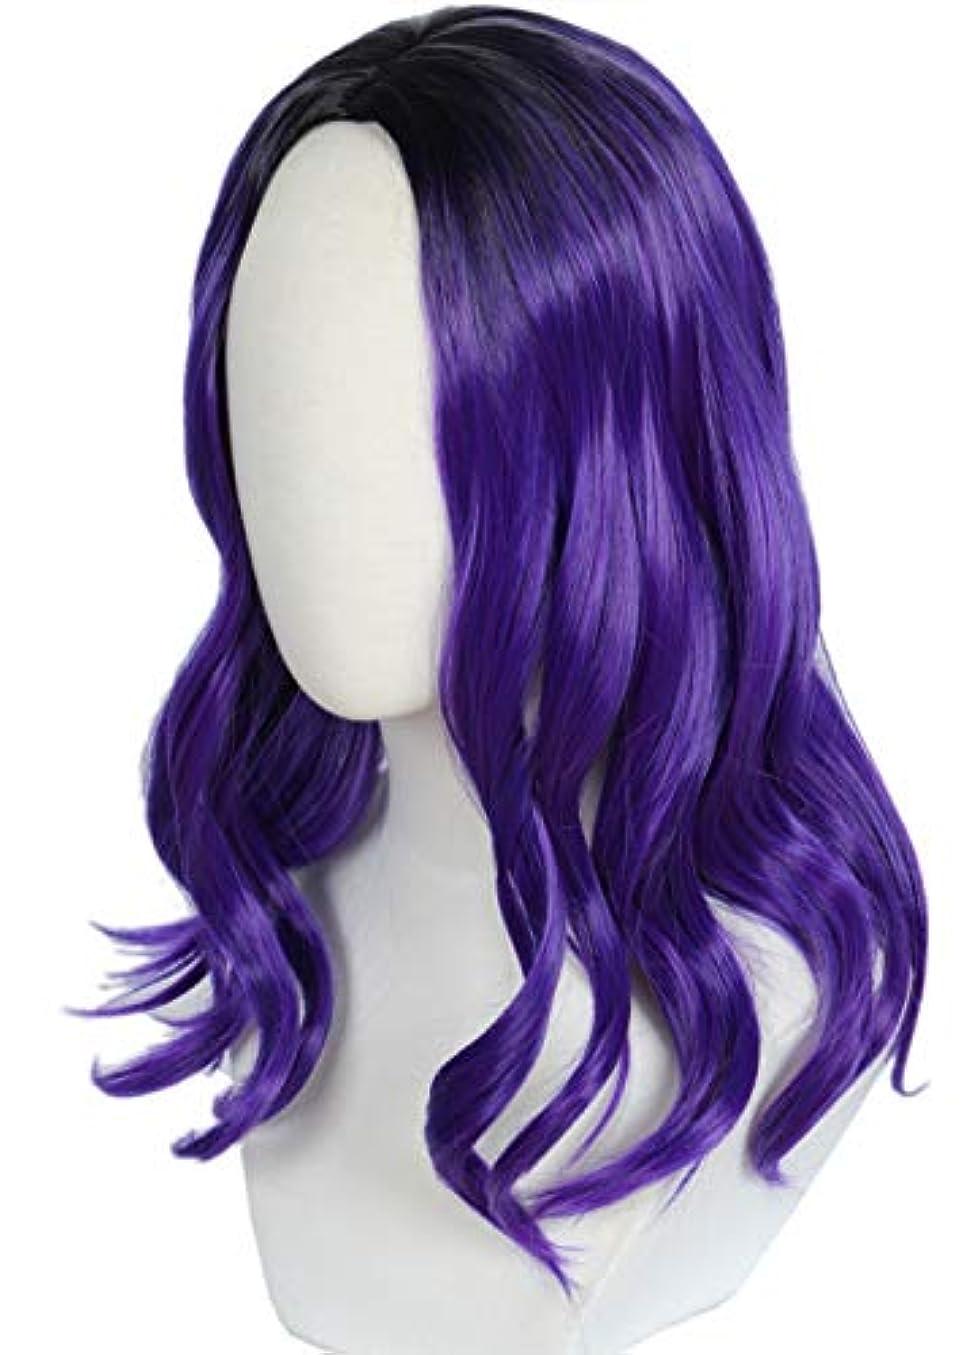 除外する軽減眉Linfairy コスプレ ウィッグ 耐熱 ウィッグ 紫の コスチューム用小物 マル 子供用 319